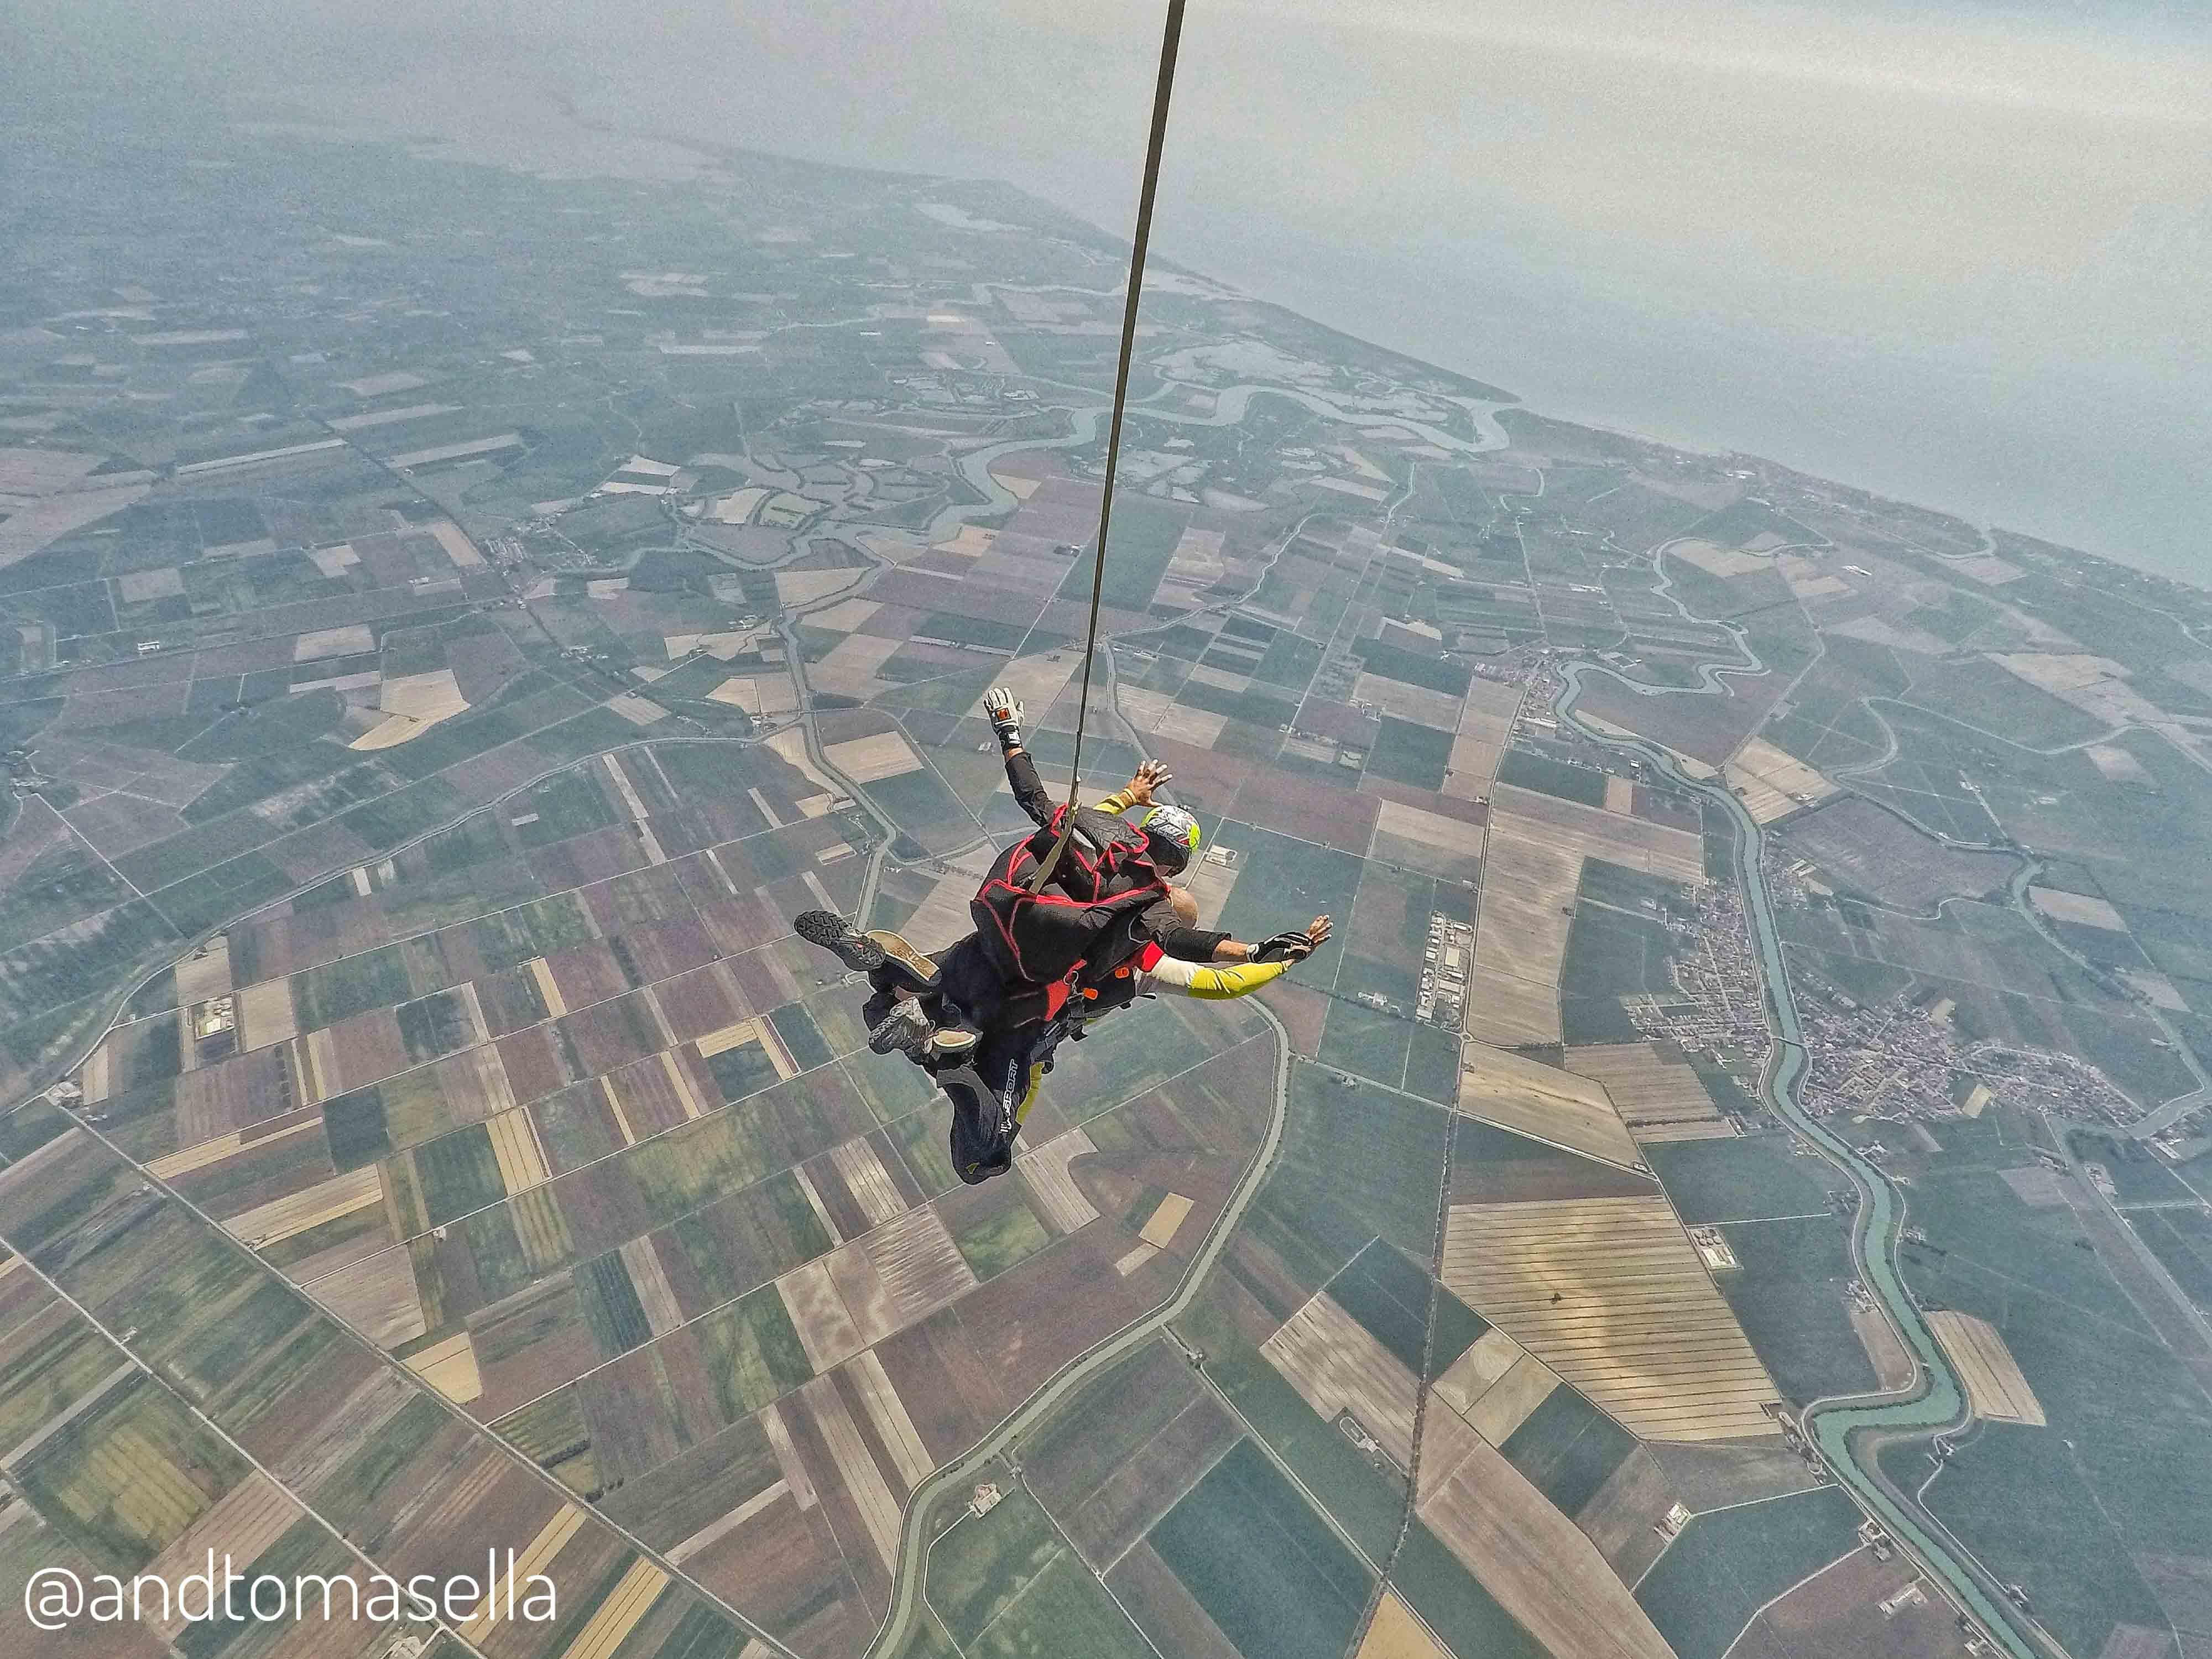 lancio in tandem con paracadute skydive venice